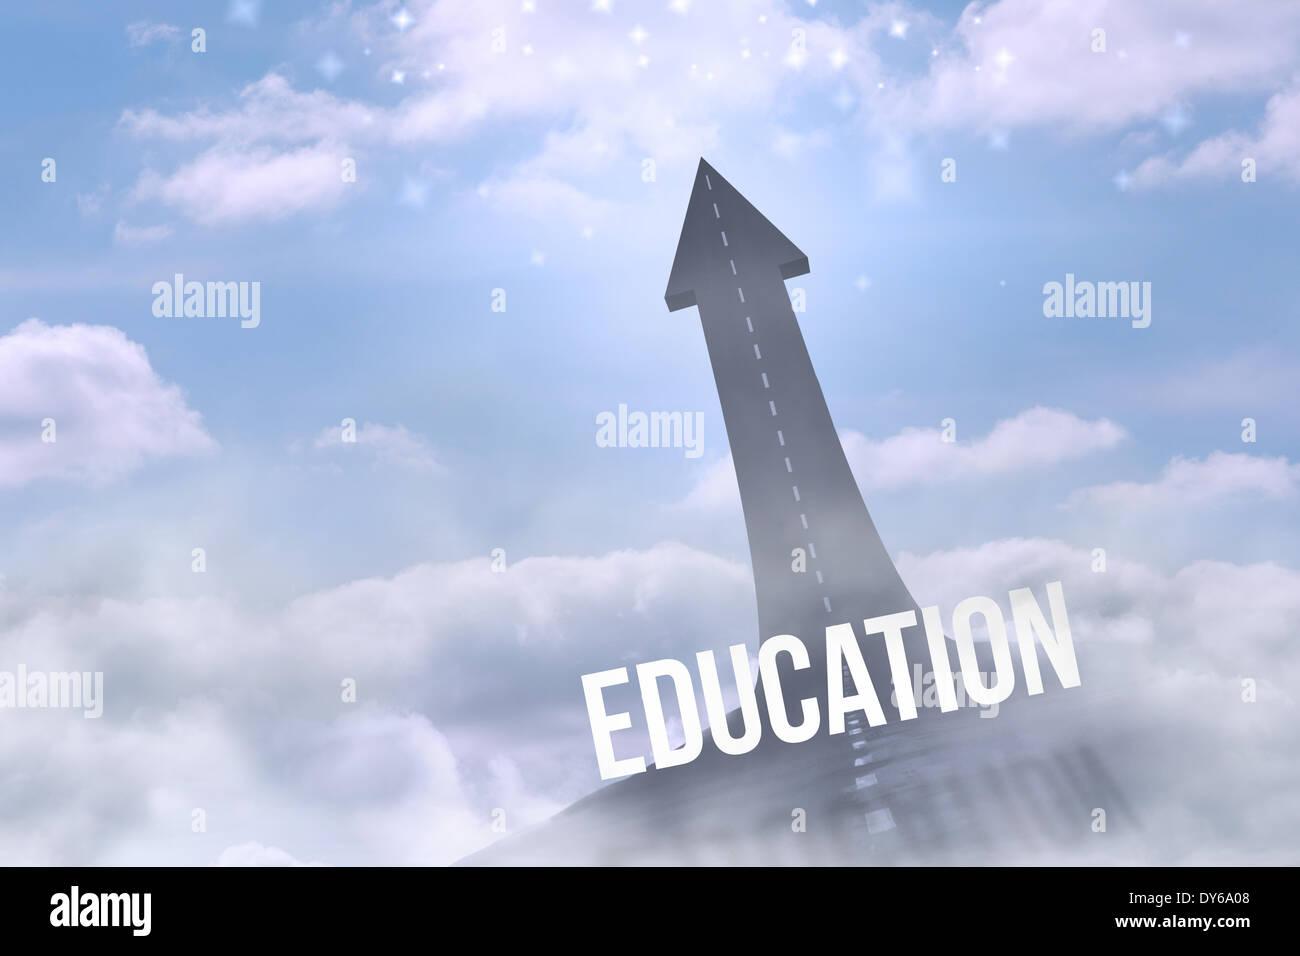 La educación contra la carretera girando en la flecha Imagen De Stock